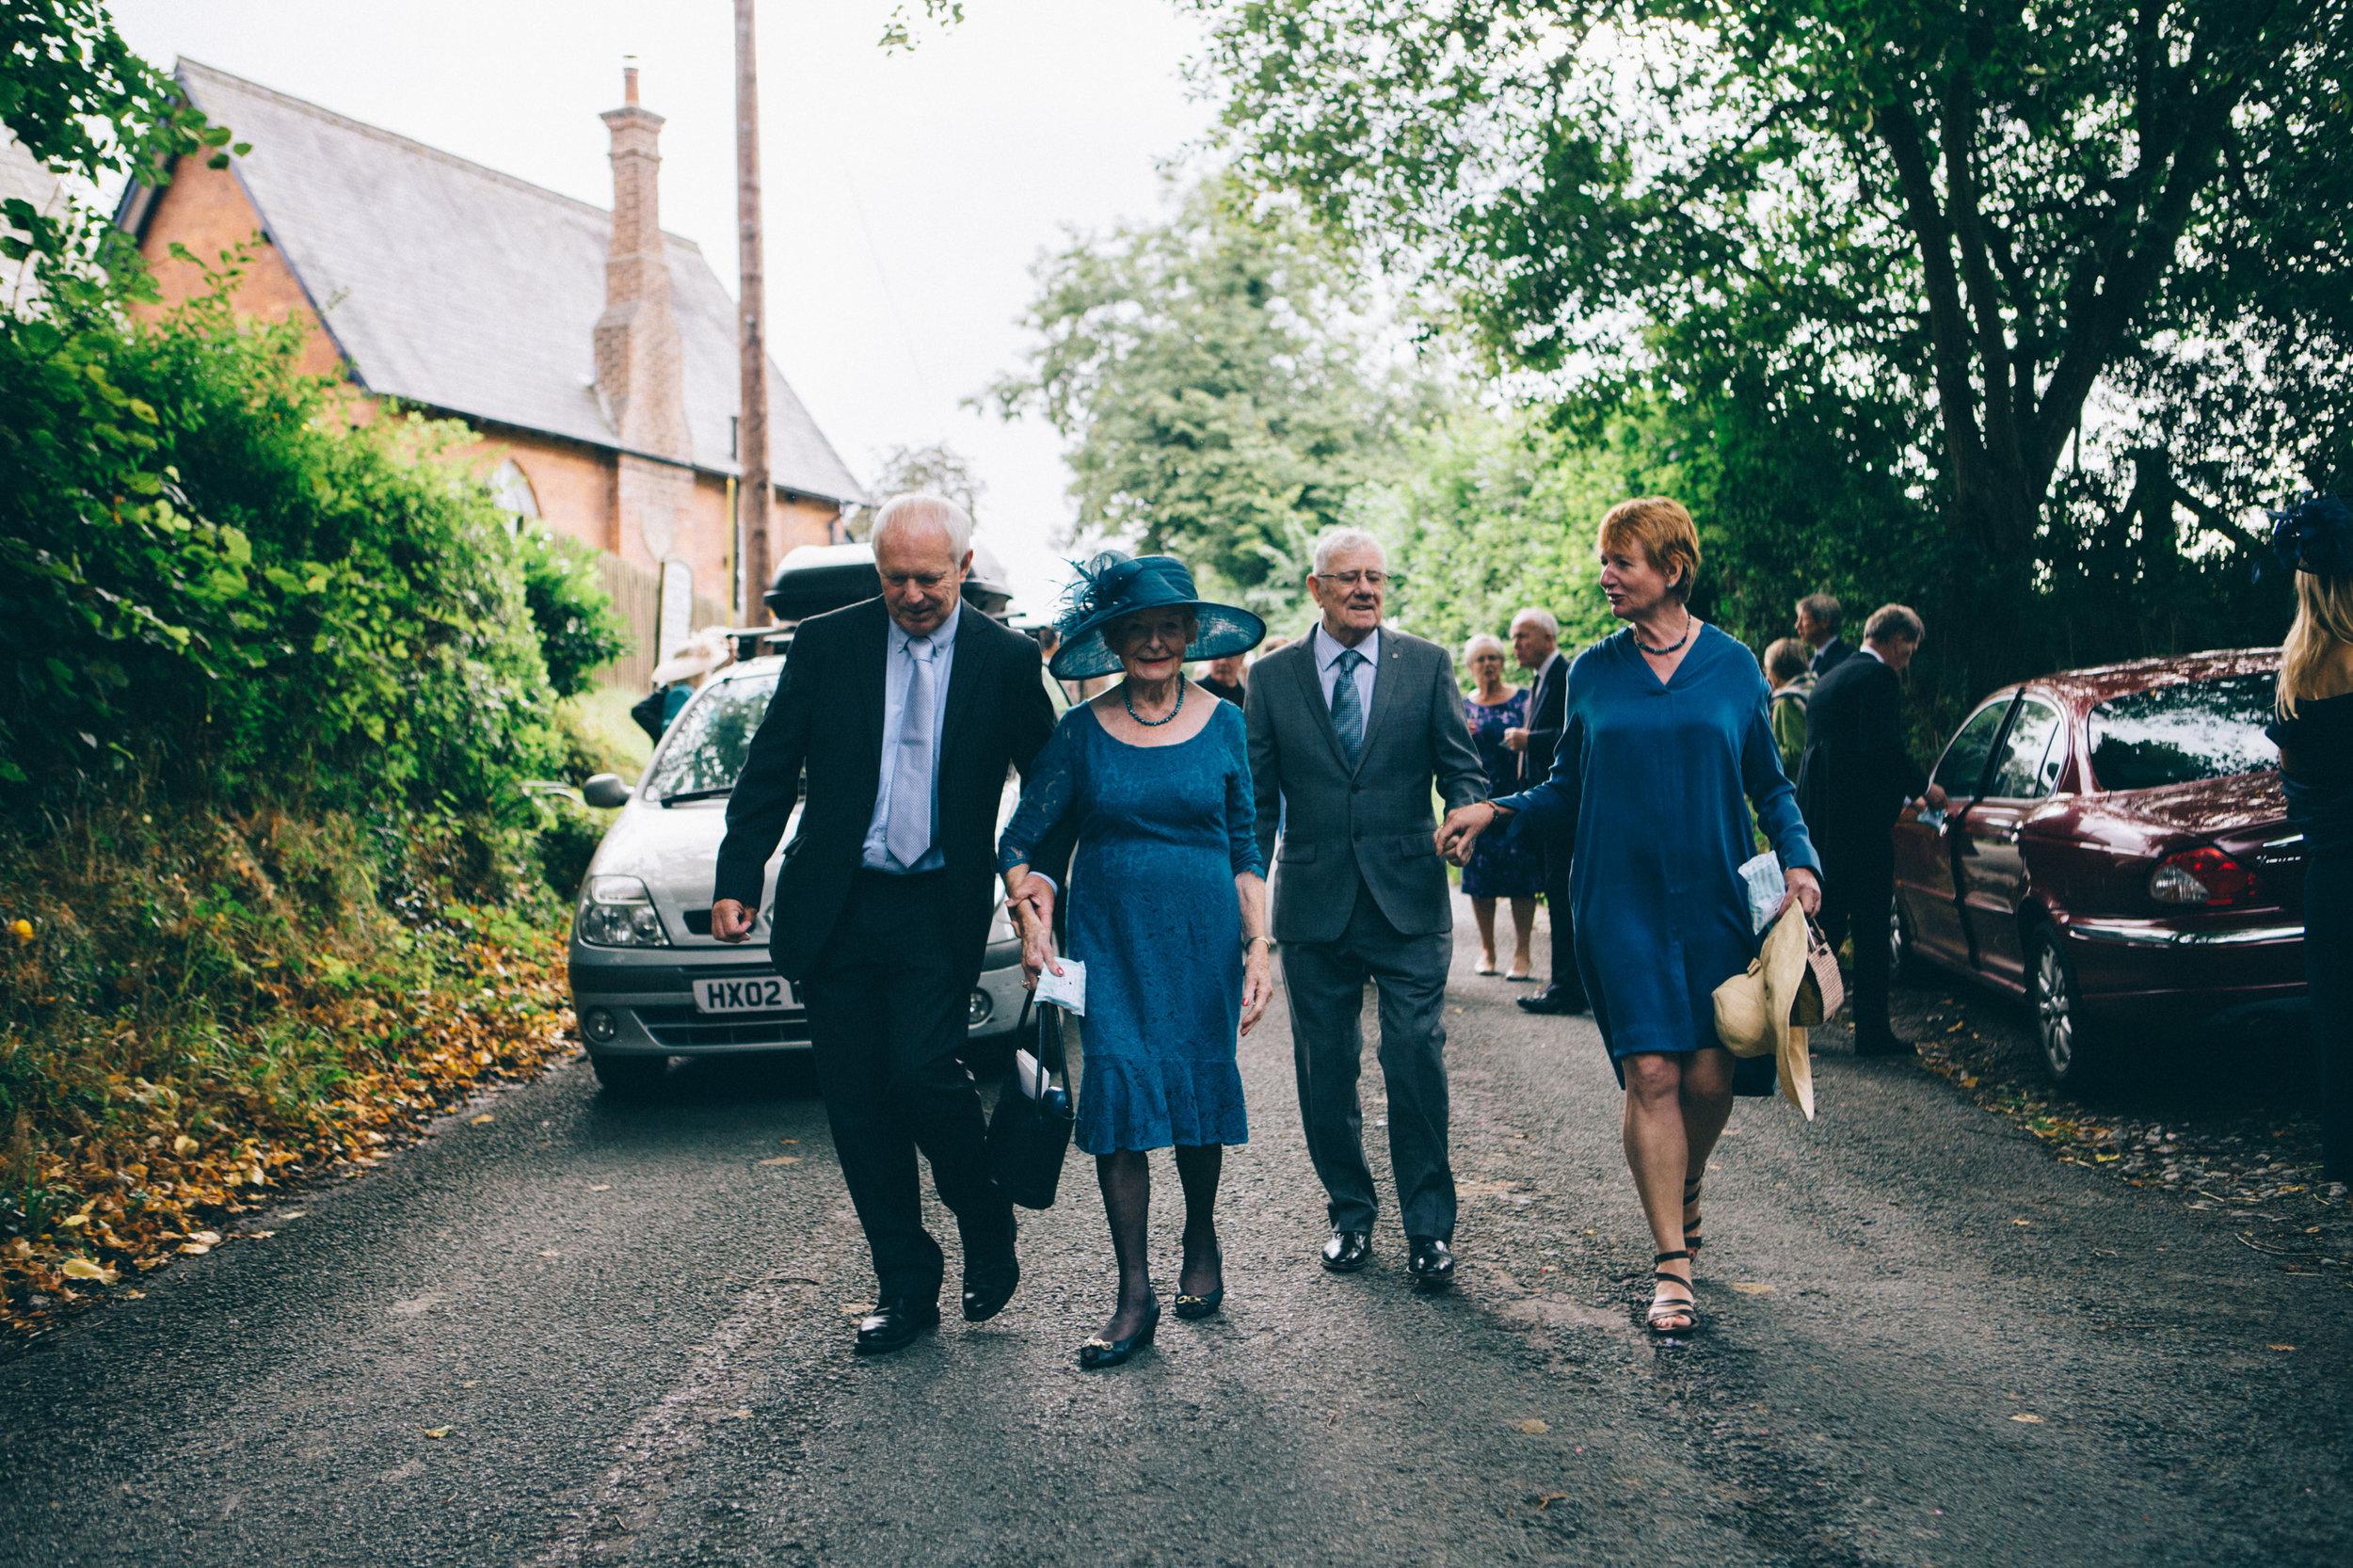 uk wedding photographer artistic wedding photography-86.jpg